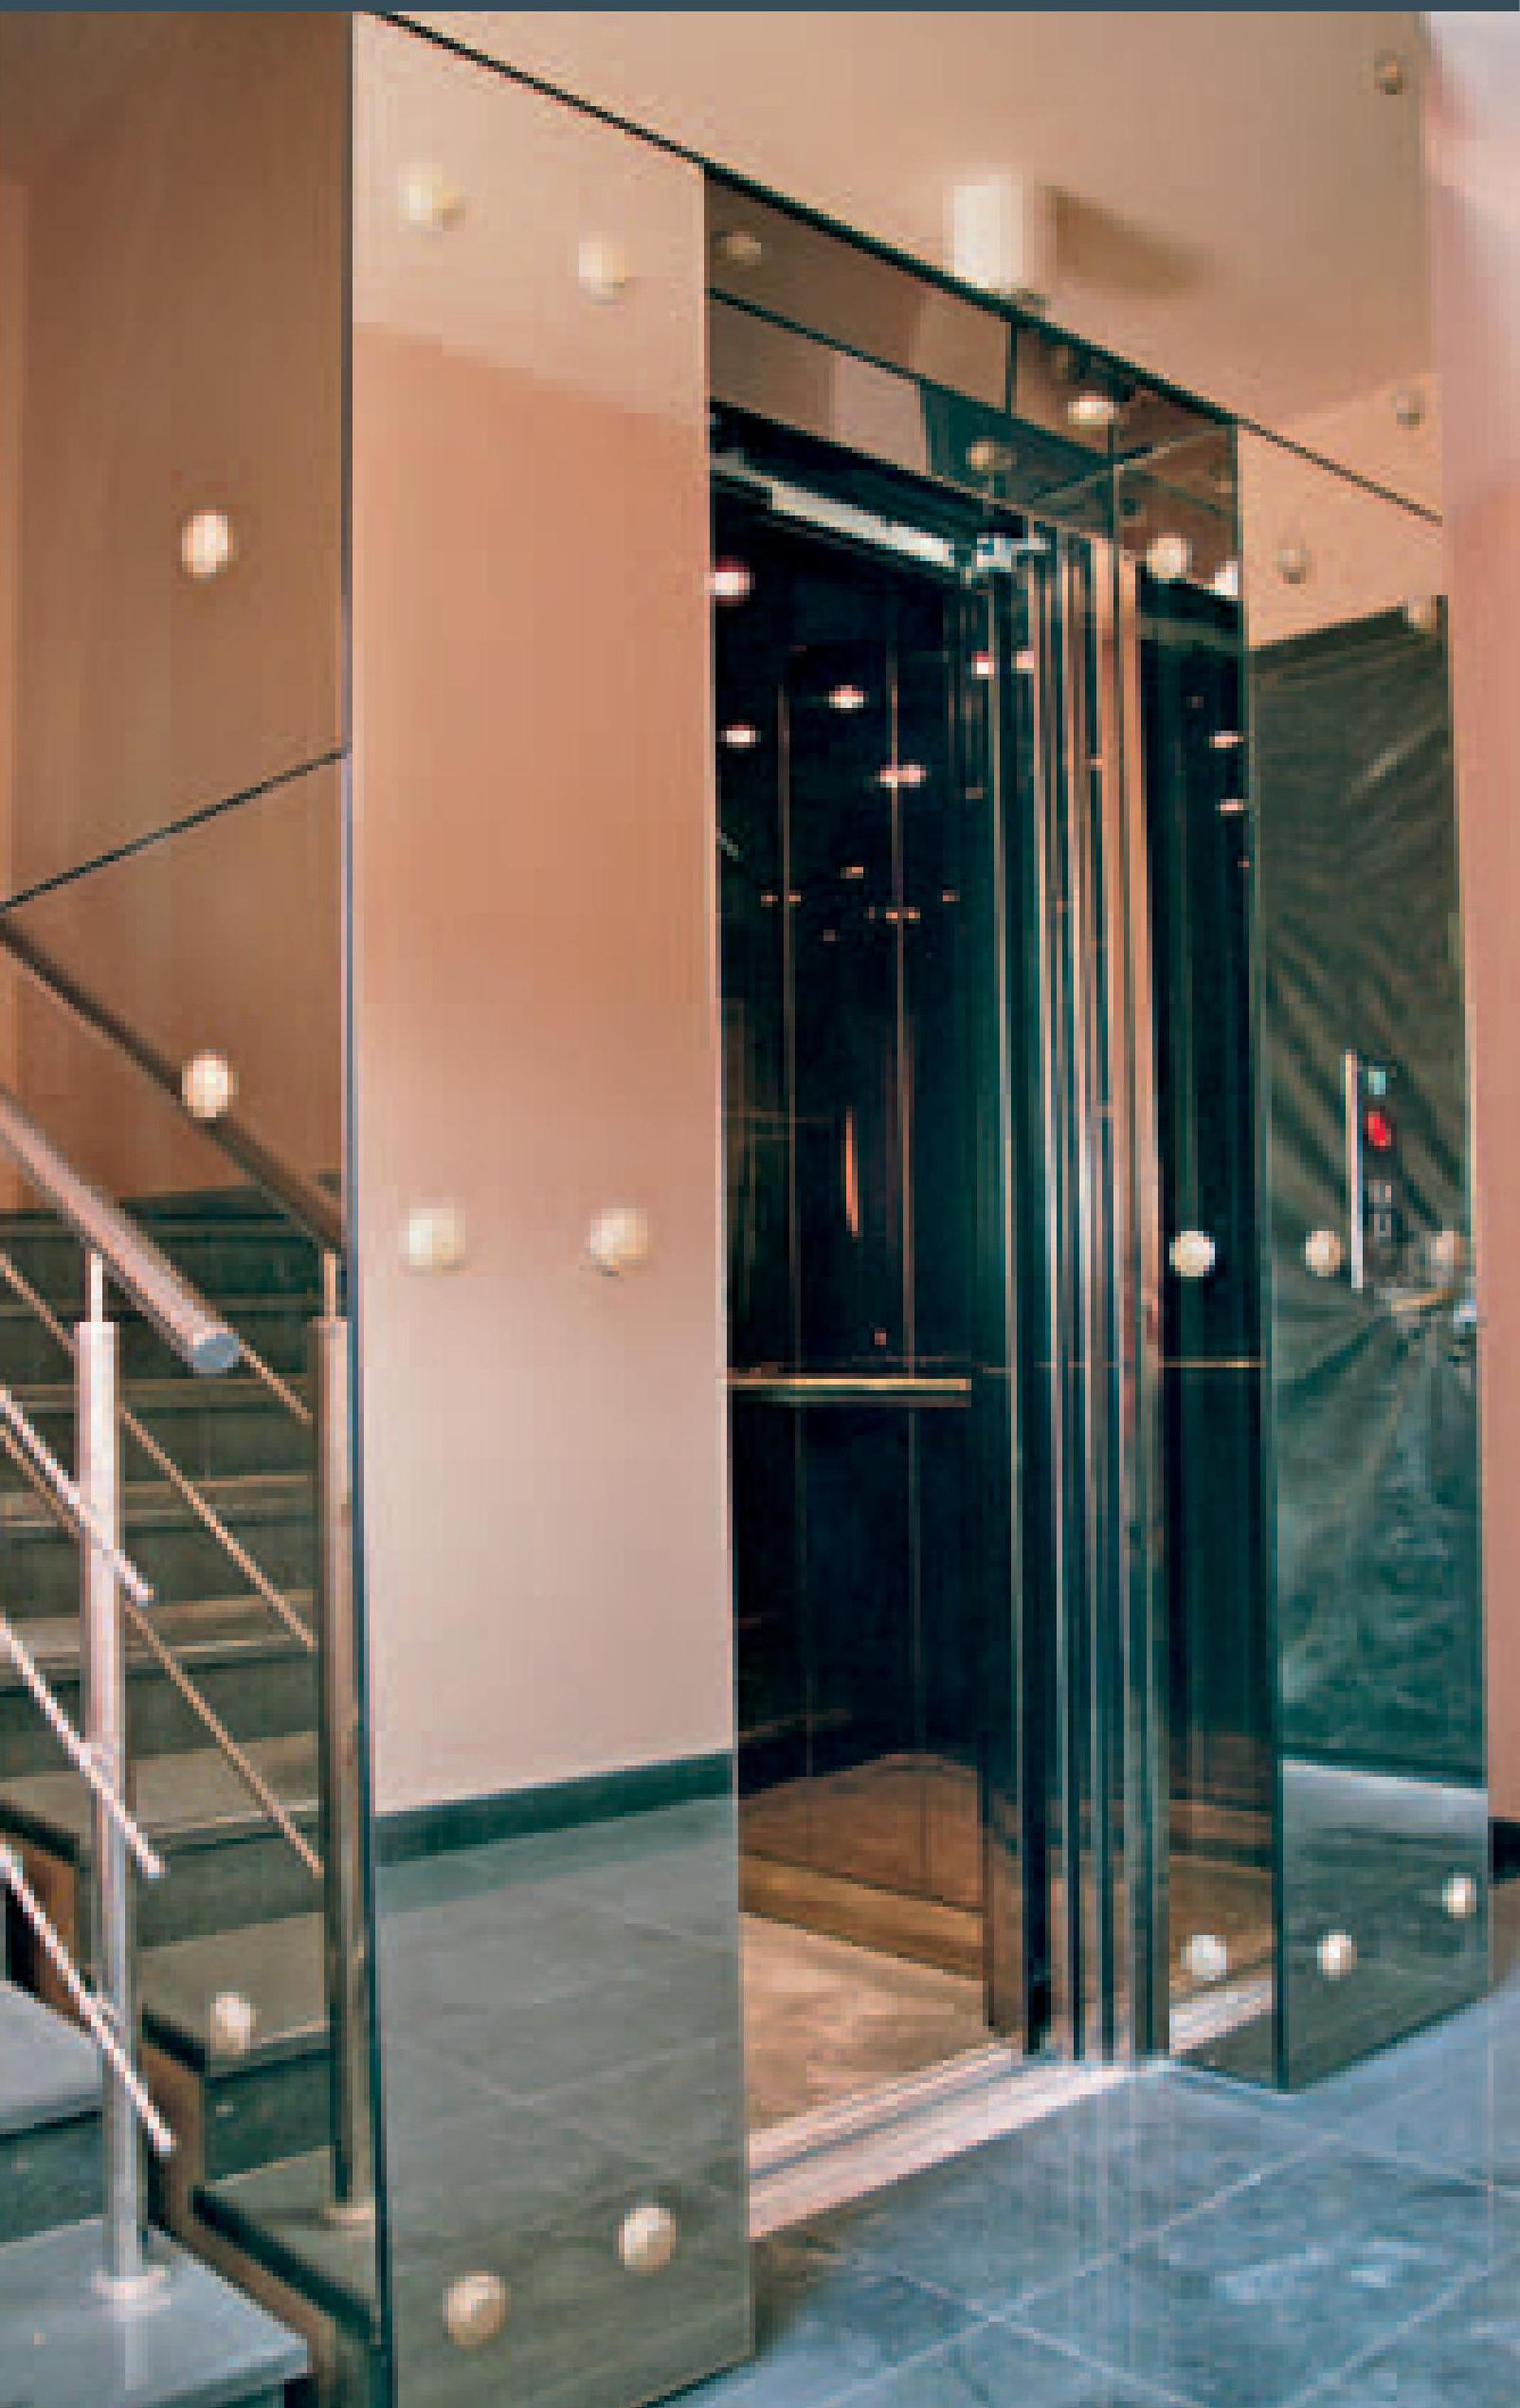 Заказать лифты пассажирские EMERALD 100, 300 и 500